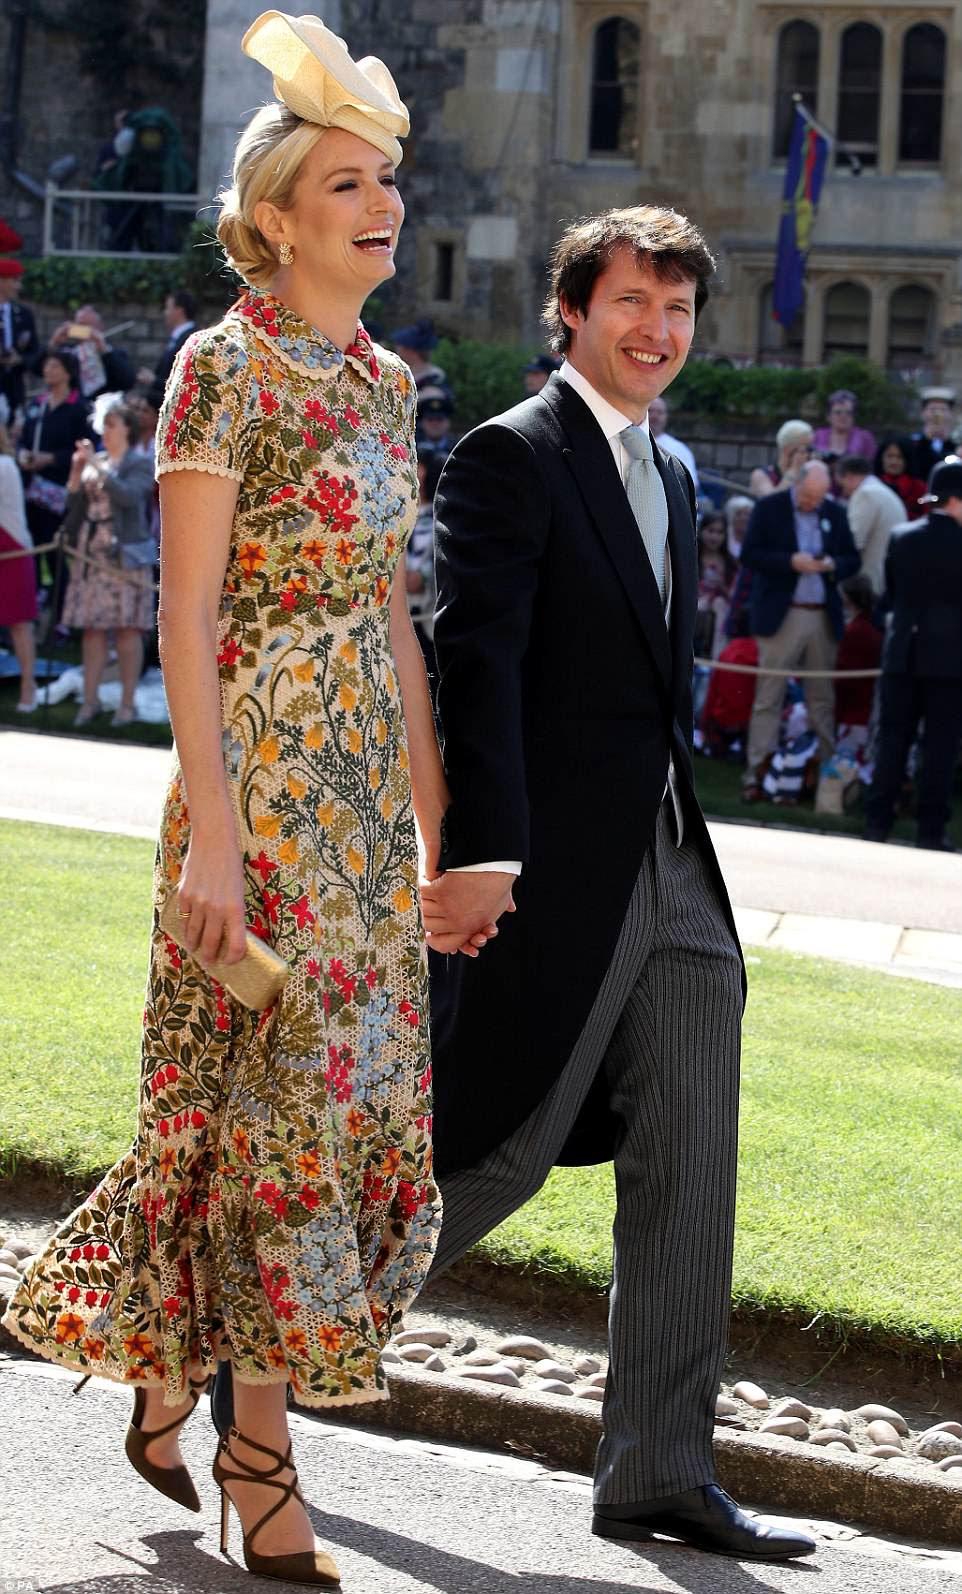 James Blunt e sua esposa Sofia Wellesley estão entre as grandes estrelas que foram convidadas por Meghan e Harry hoje